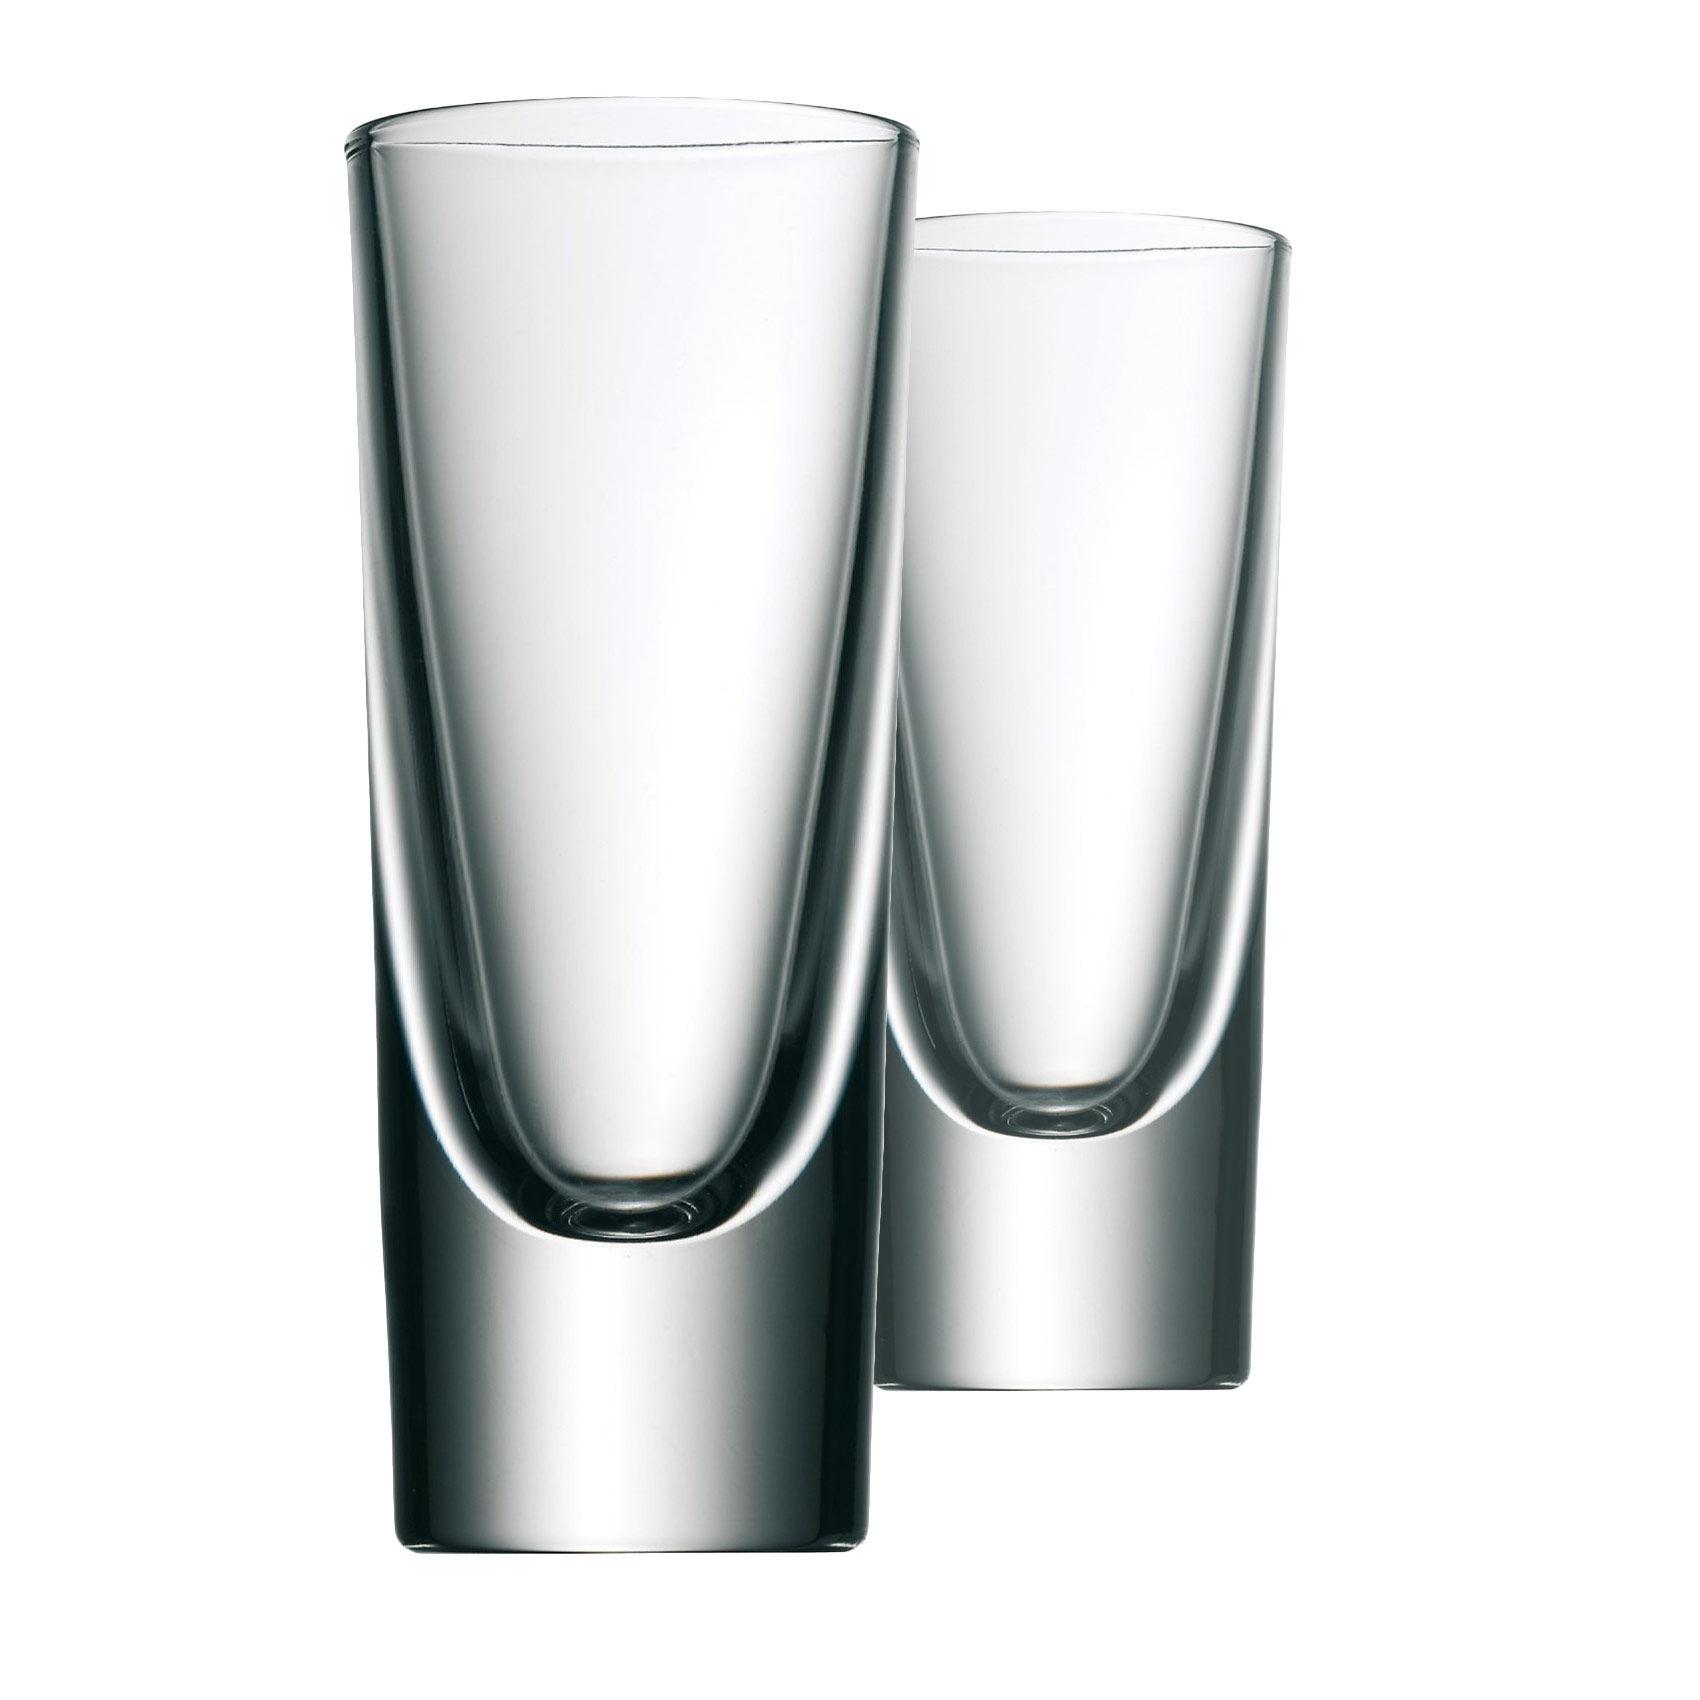 Extrem Cocktail-Gläser Exklusive Designergläser vieler bekannter MI32